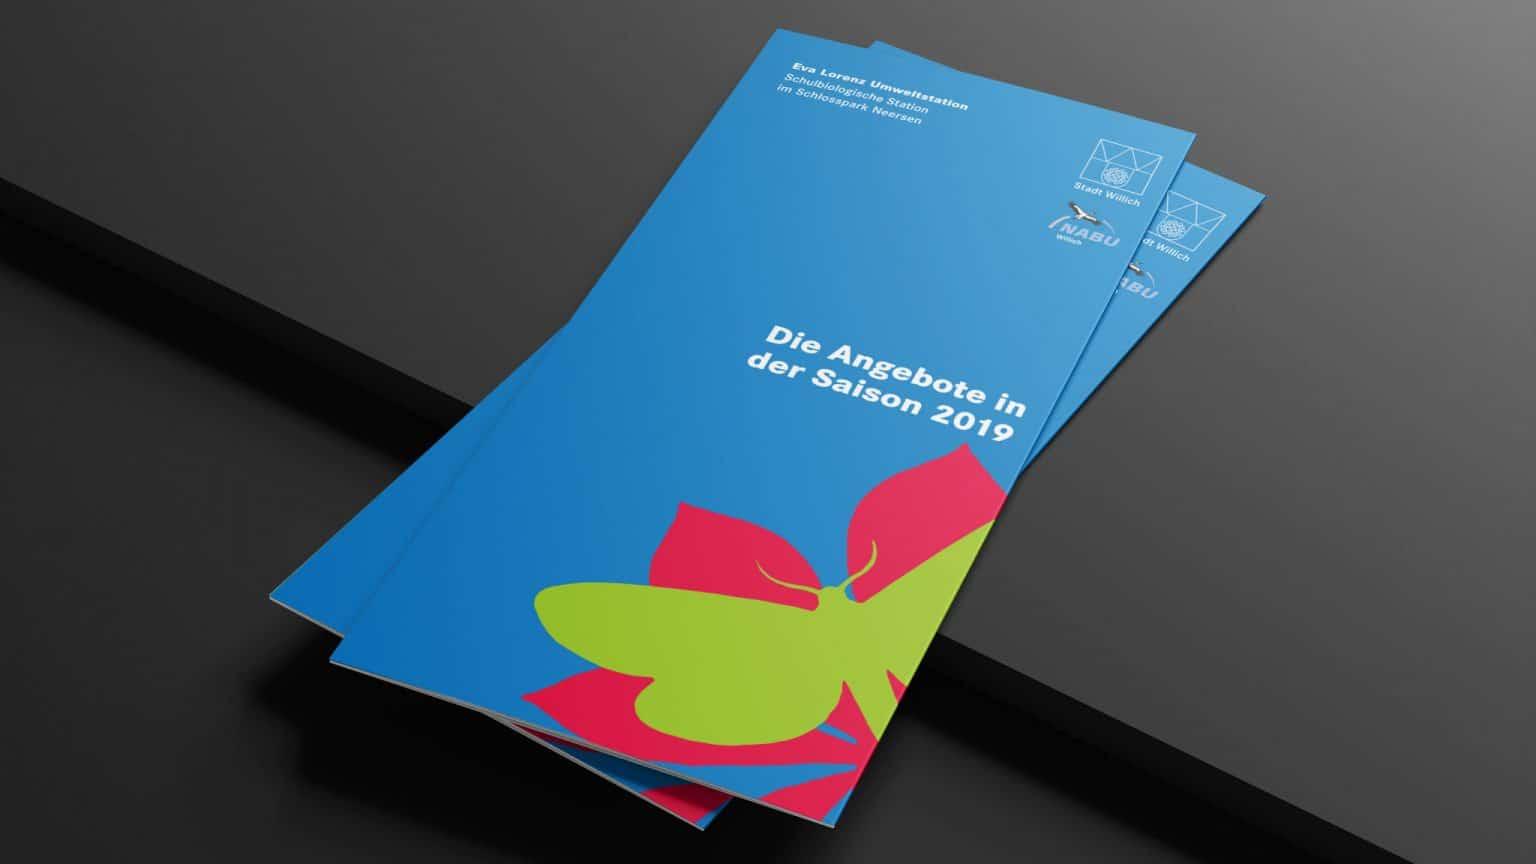 Faltblatt des Programms der Eva Lorenz Station